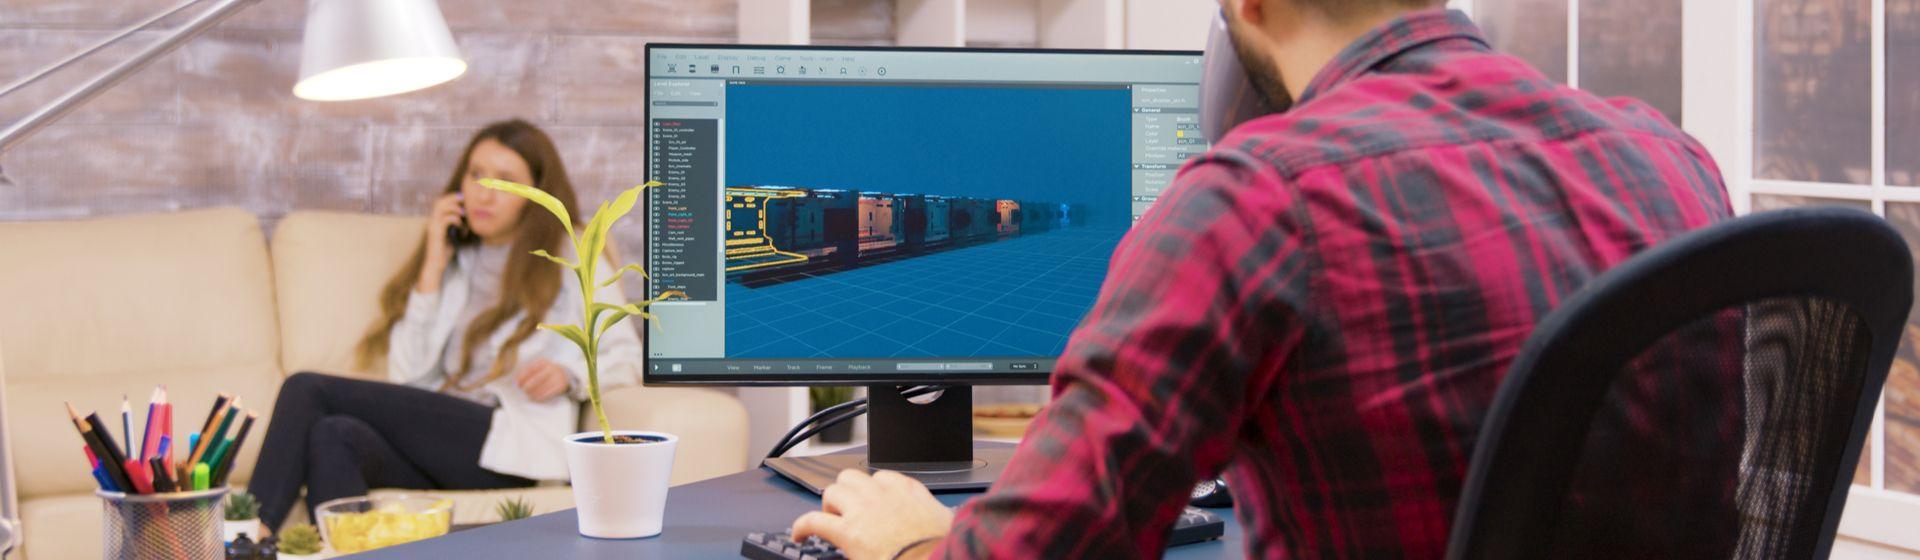 Melhor monitor 4K em 2021: 7 modelos de altíssima resolução